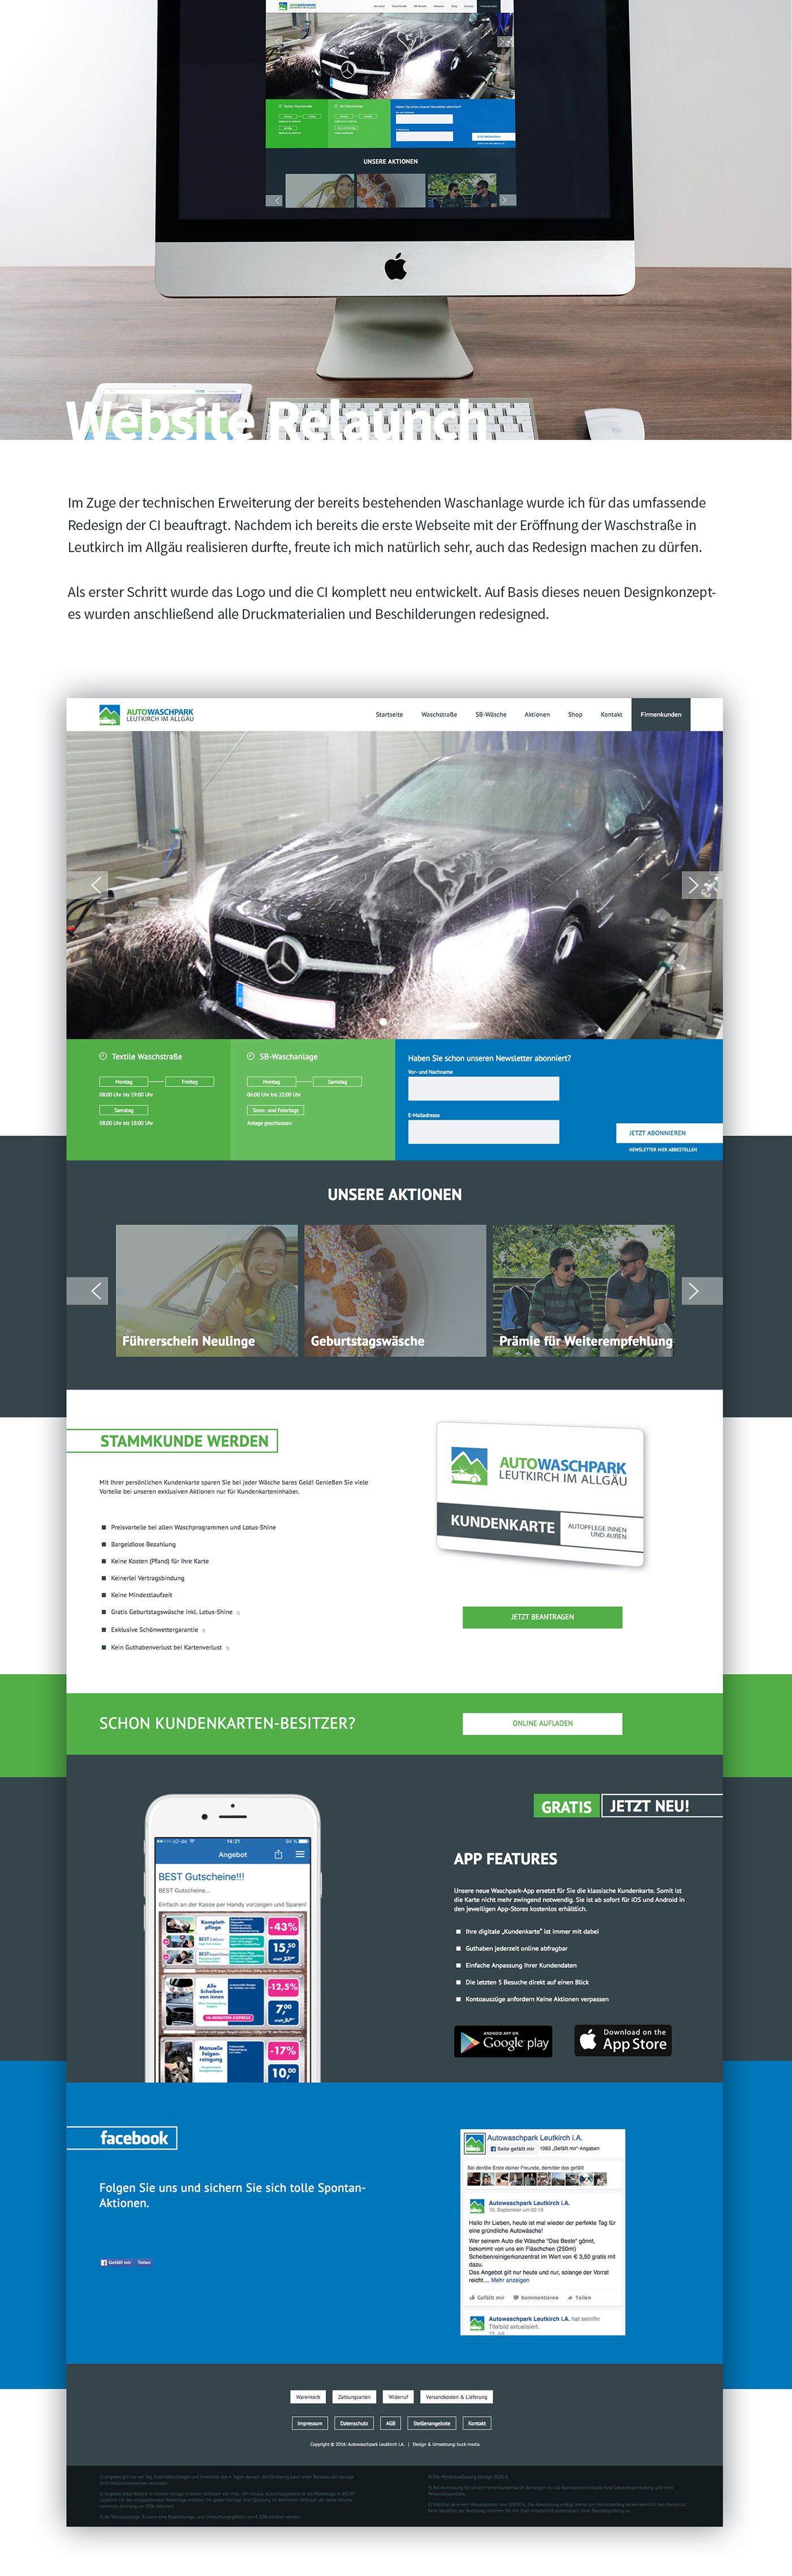 redesign relaunch Webdesign Screendesign joomla buck media Online shop Responsive